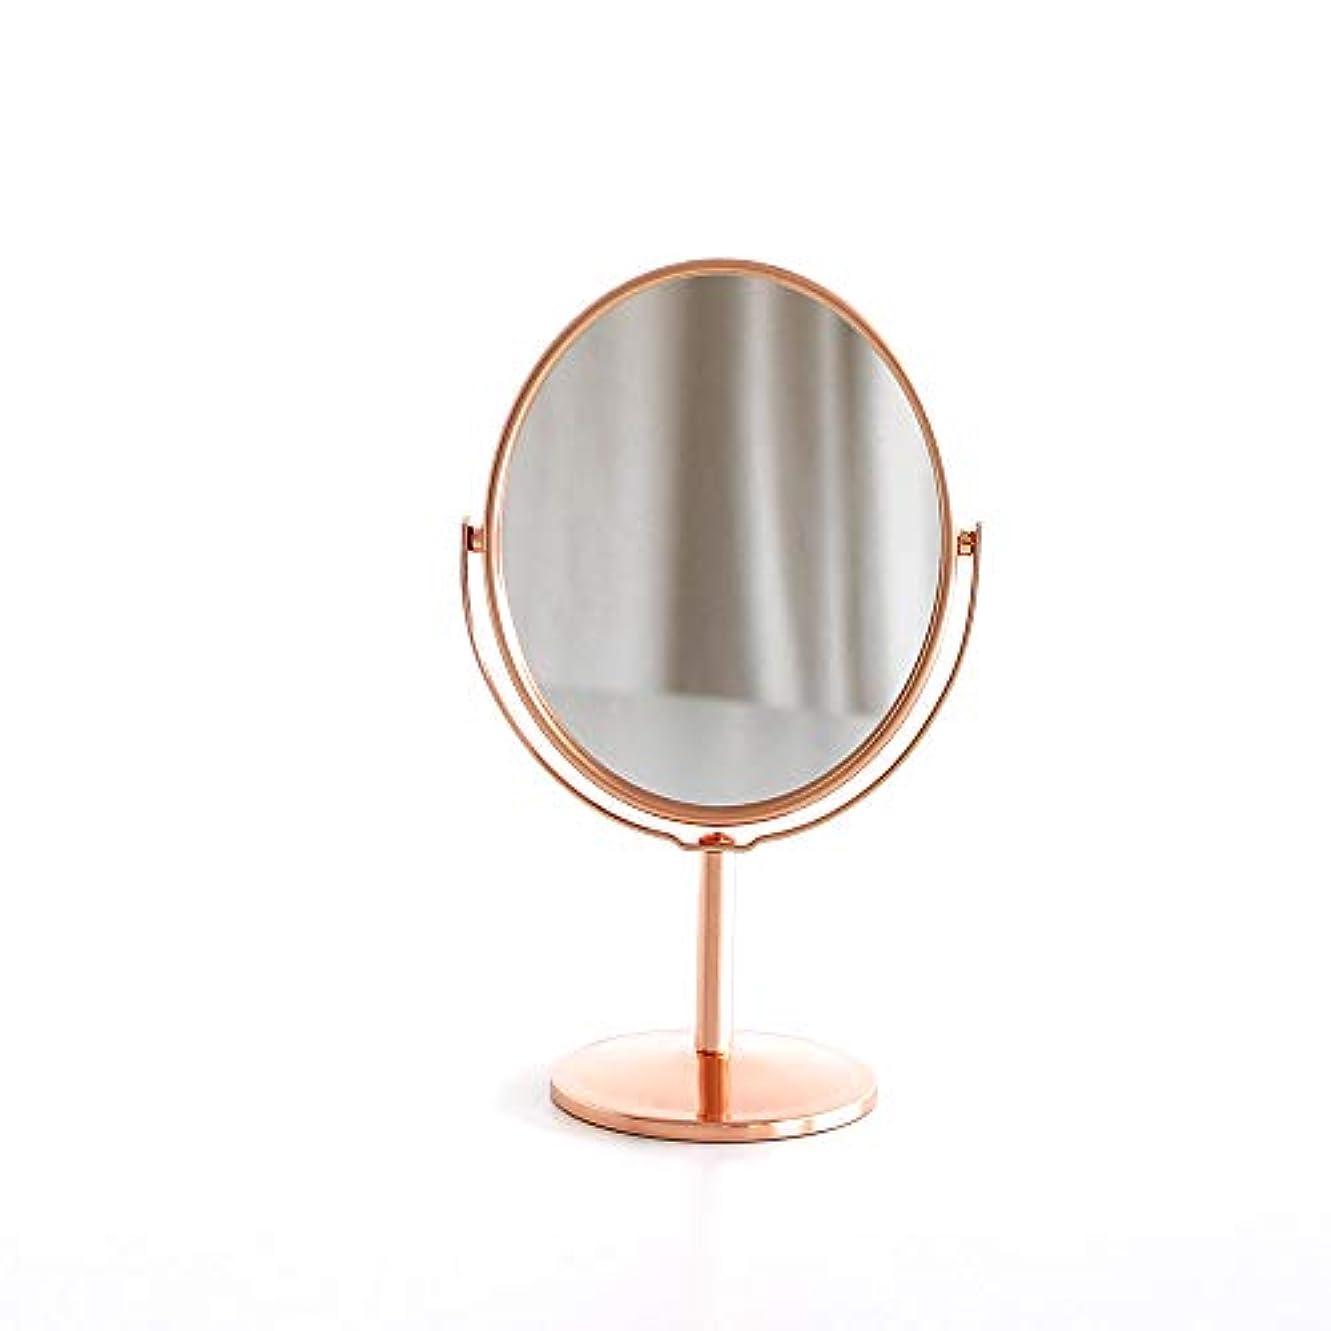 メタル両面卓上鏡 スタンドミラー 化粧鏡 拡大鏡付き 楕円ミラー 360度回転 コンパクトサイズ 10X12cm (ローズゴールド)